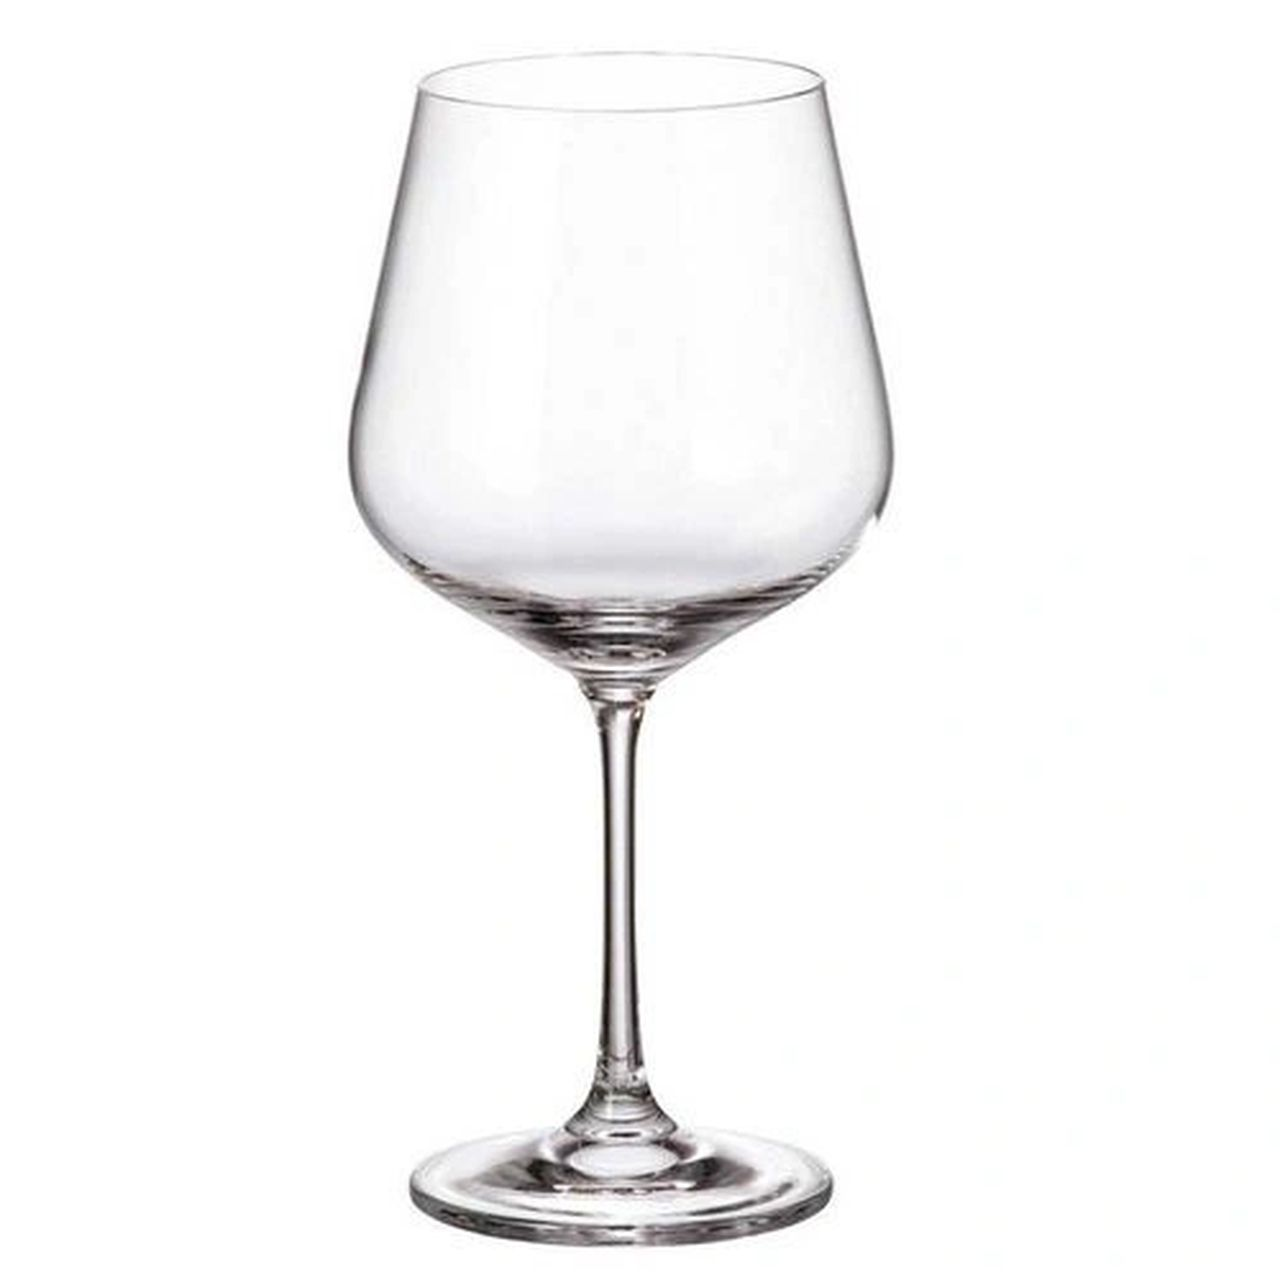 Jogo De 6 Taças Para Burgundy Strix Em Cristal Ecologico 600Ml A19,5Cm